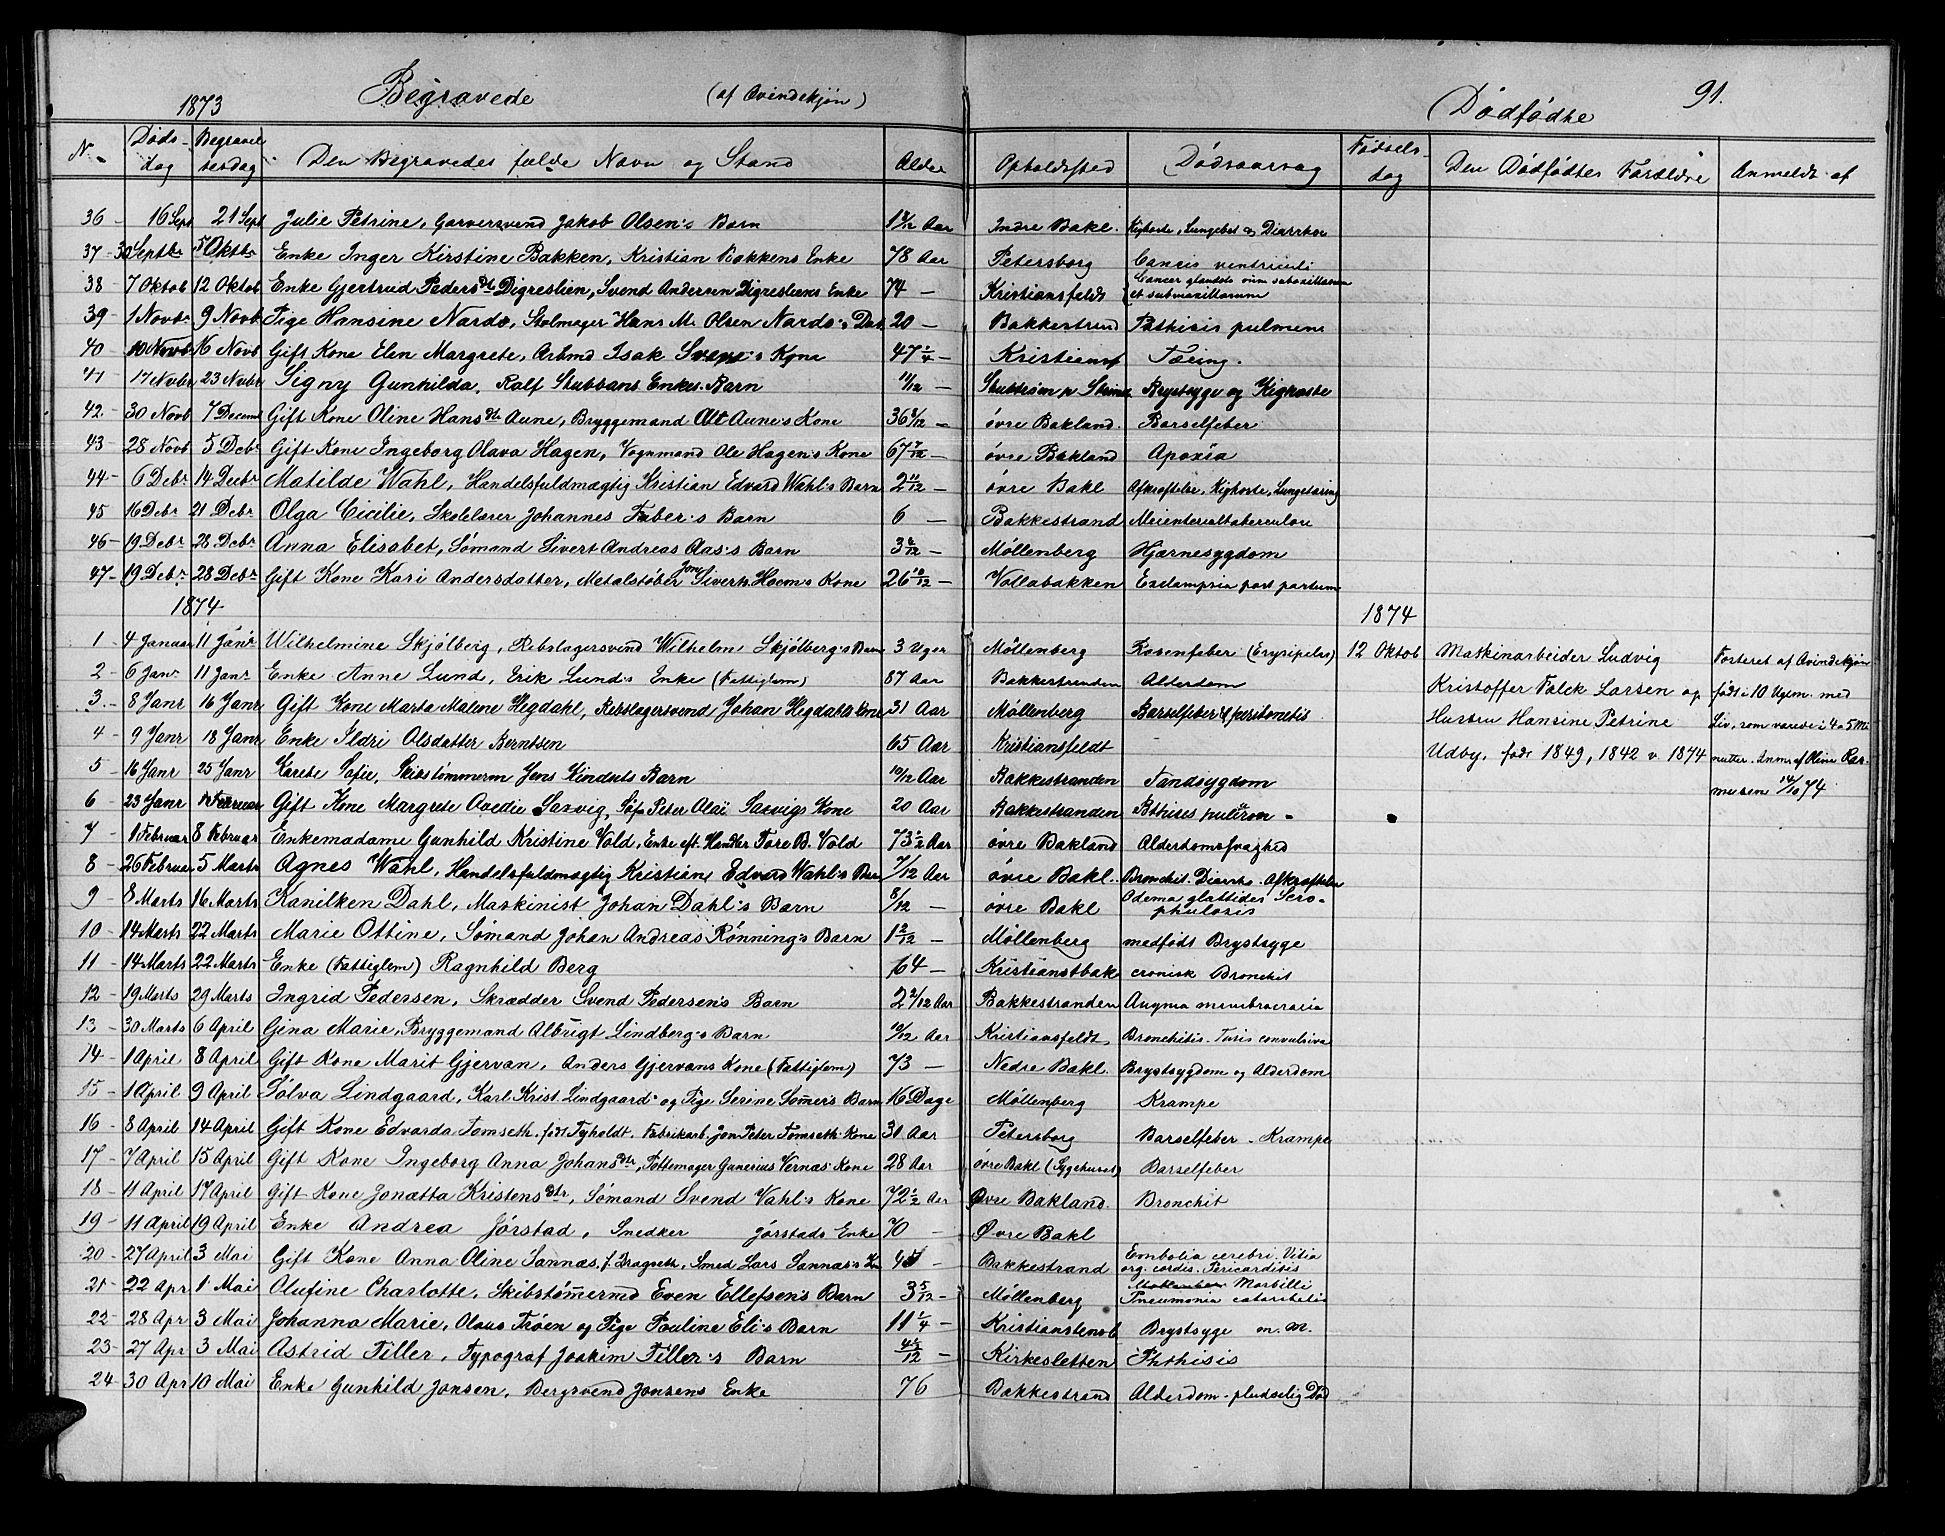 SAT, Ministerialprotokoller, klokkerbøker og fødselsregistre - Sør-Trøndelag, 604/L0221: Klokkerbok nr. 604C04, 1870-1885, s. 91